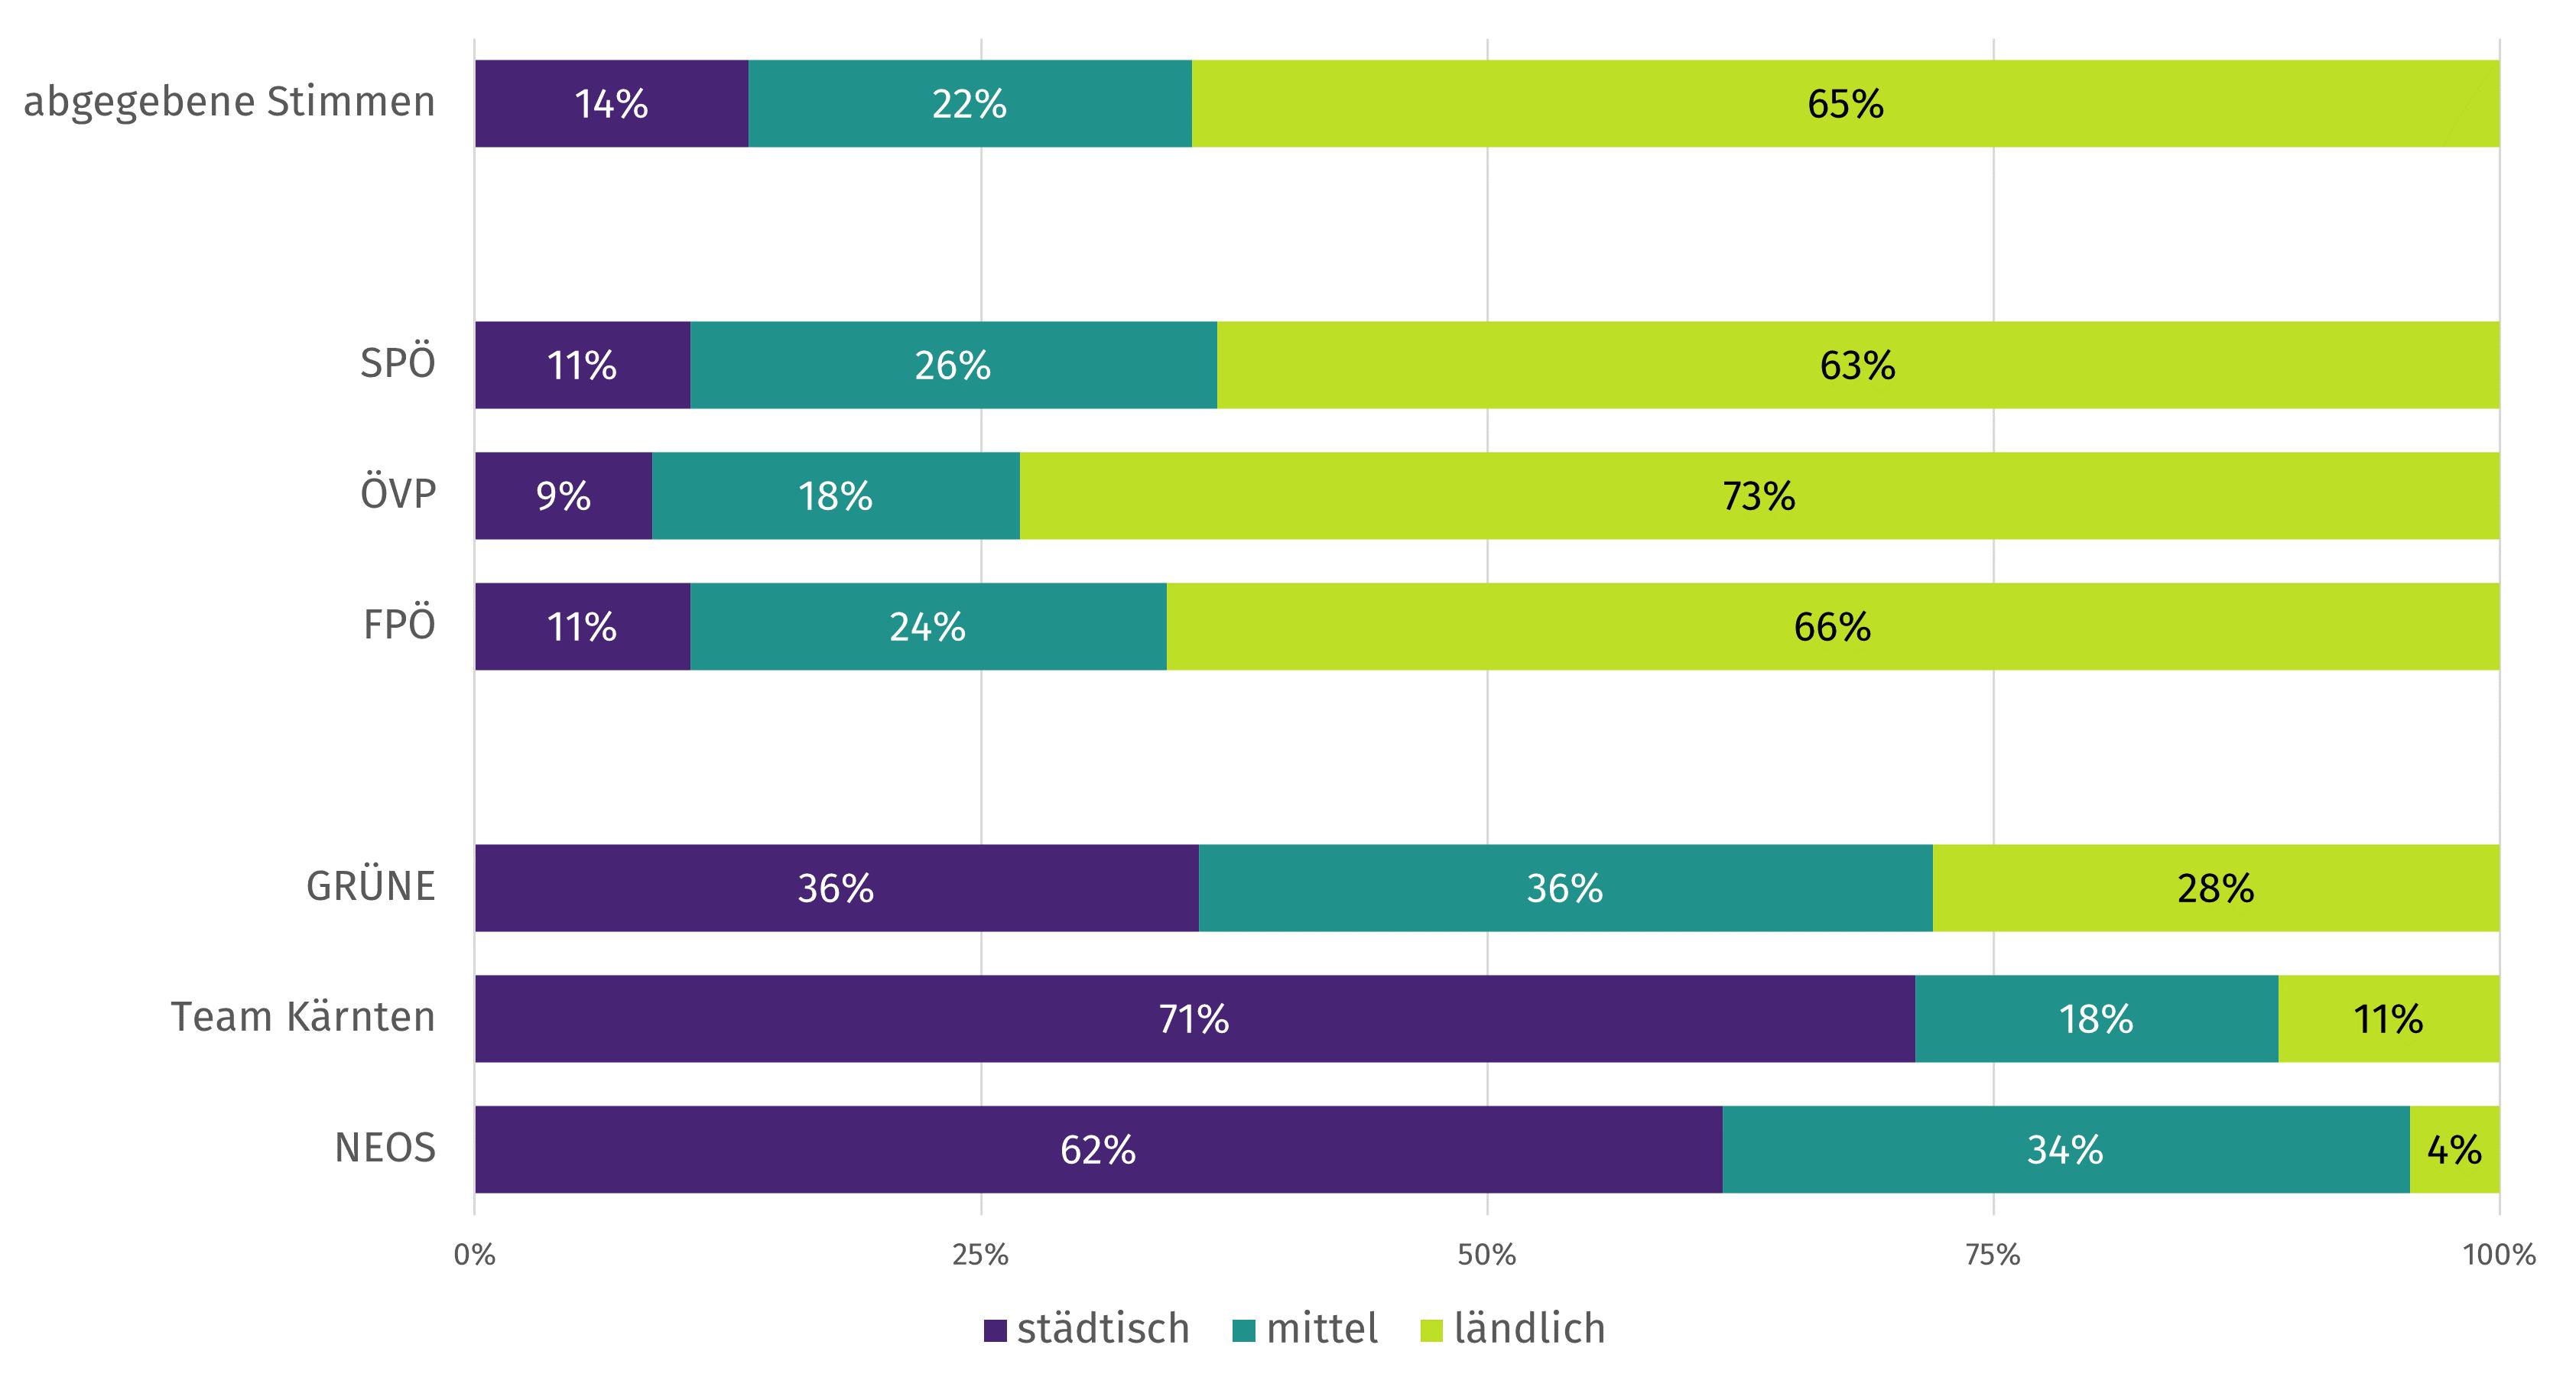 Anteil von ländlichen, mittleren und städtischen Gebieten am Ergebnis der Parteien